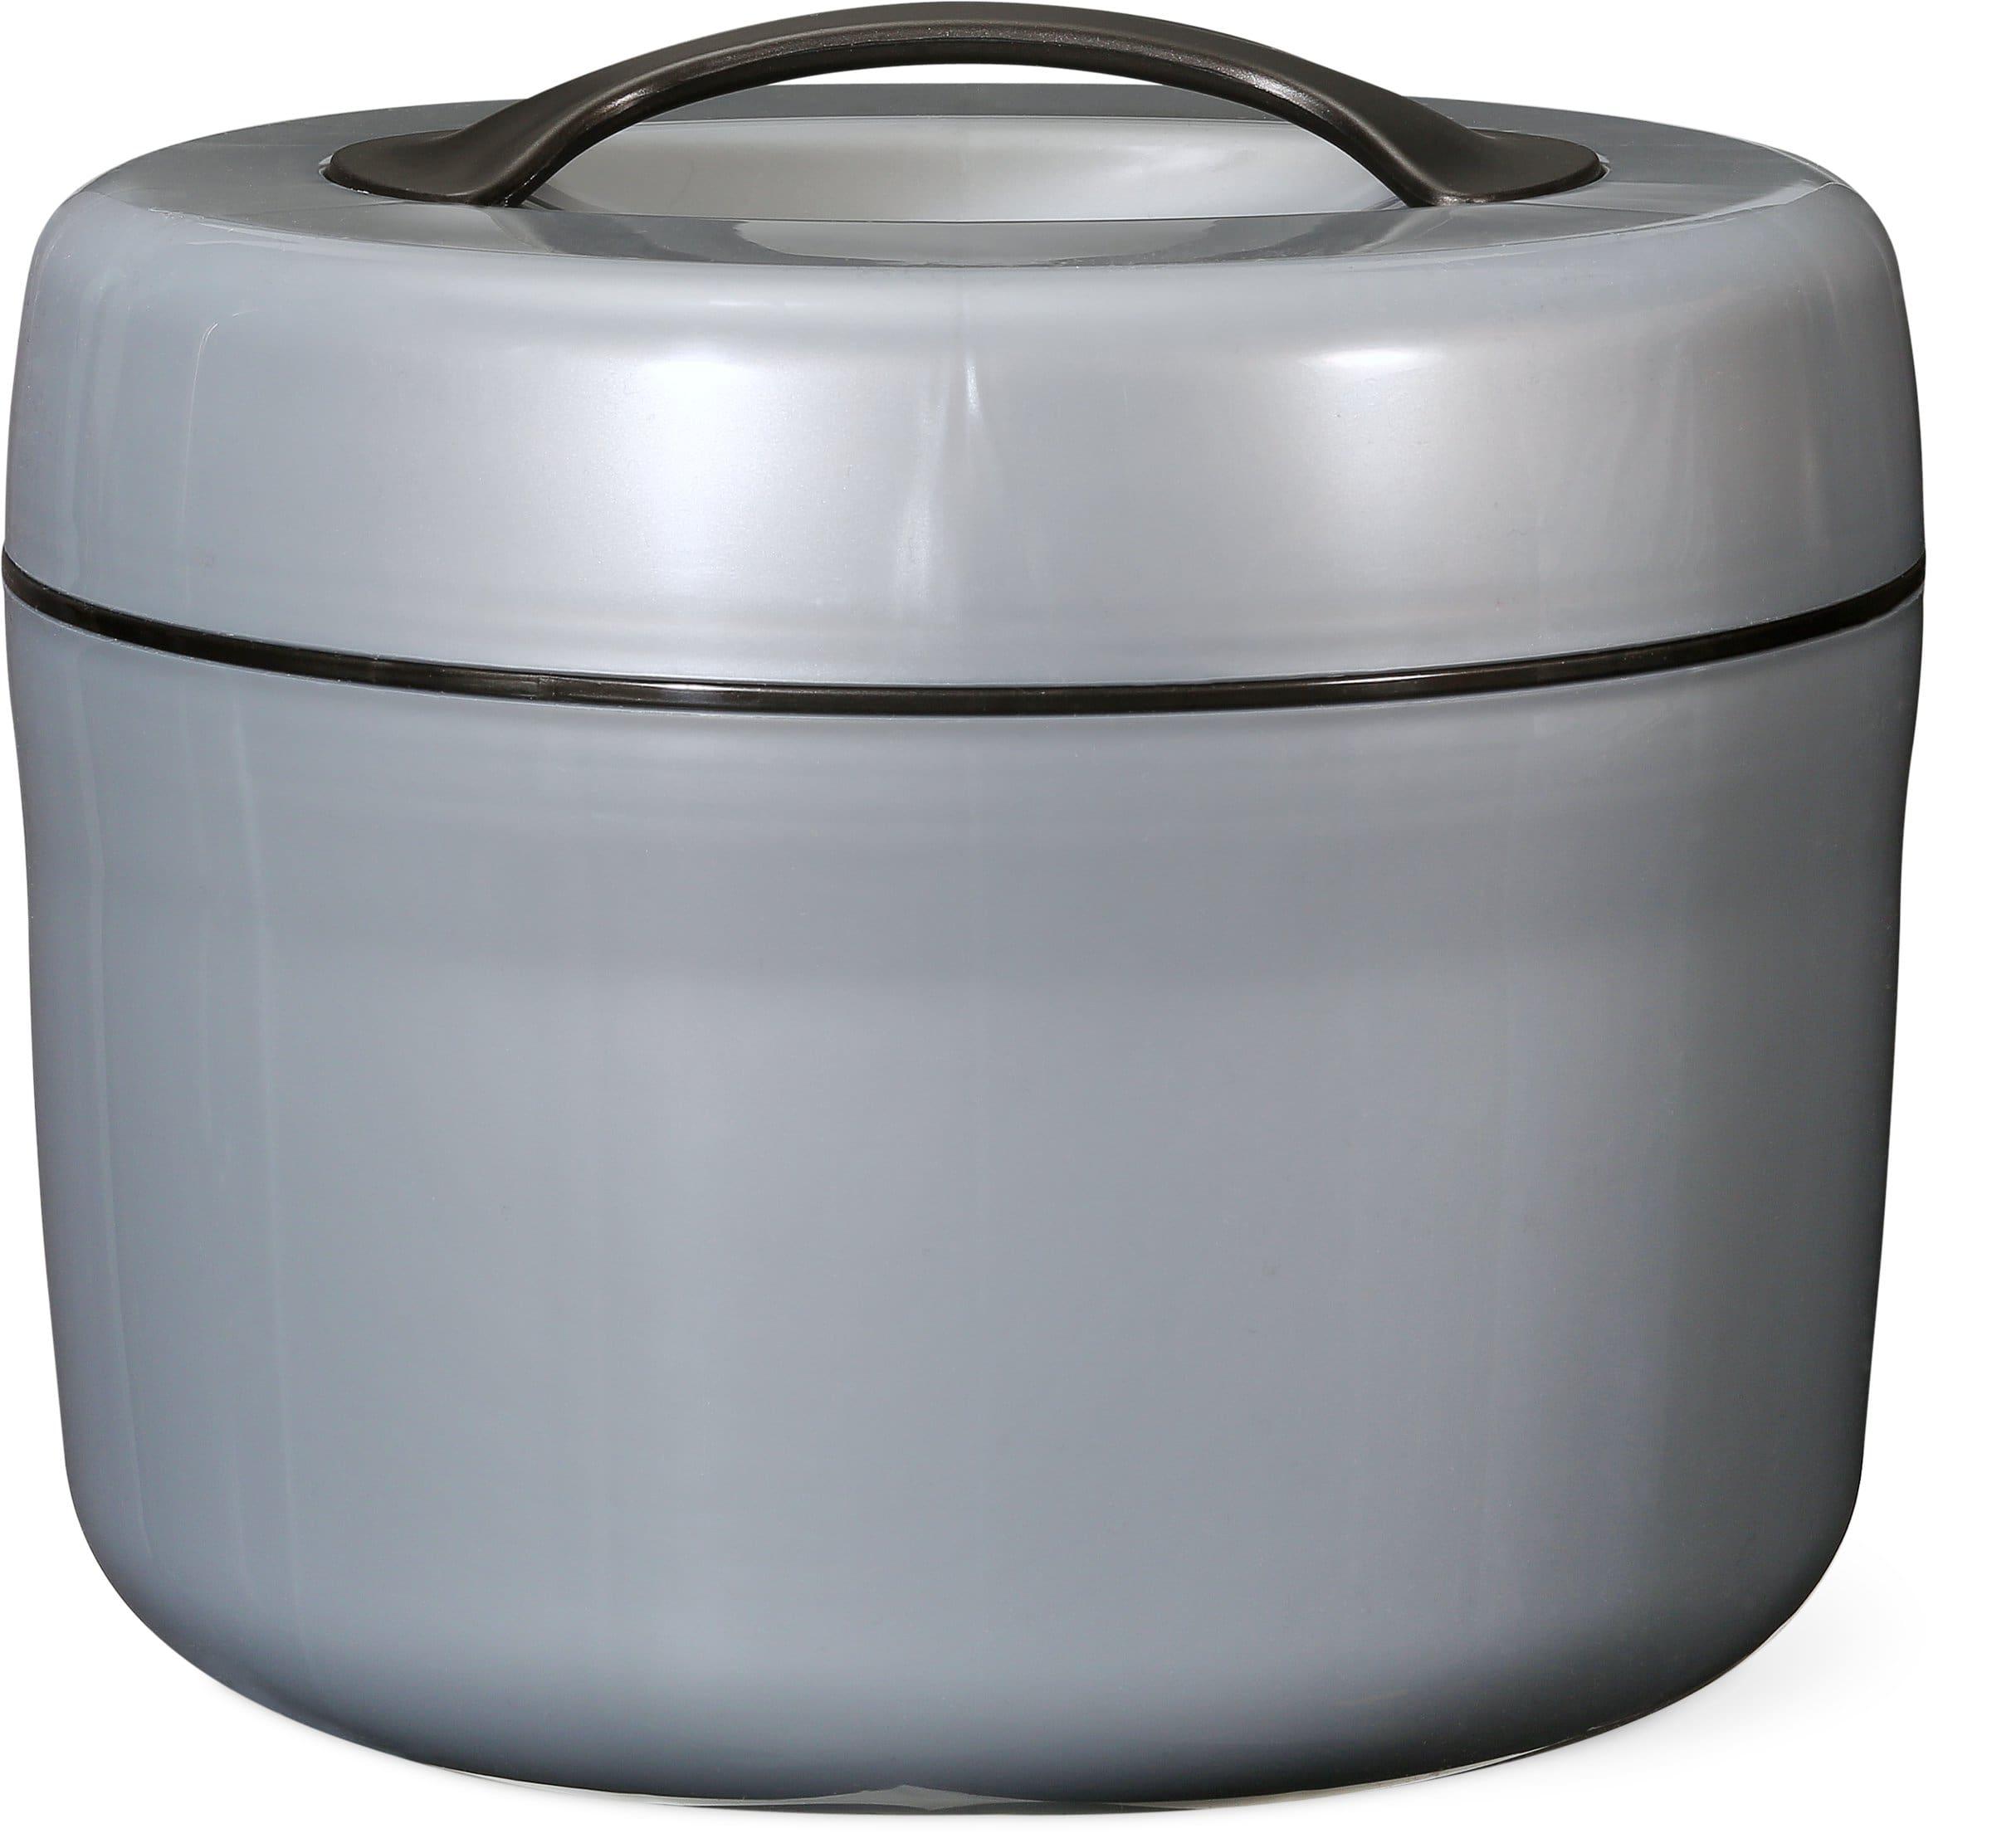 Cucina & Tavola Speisegefäss 2.5L